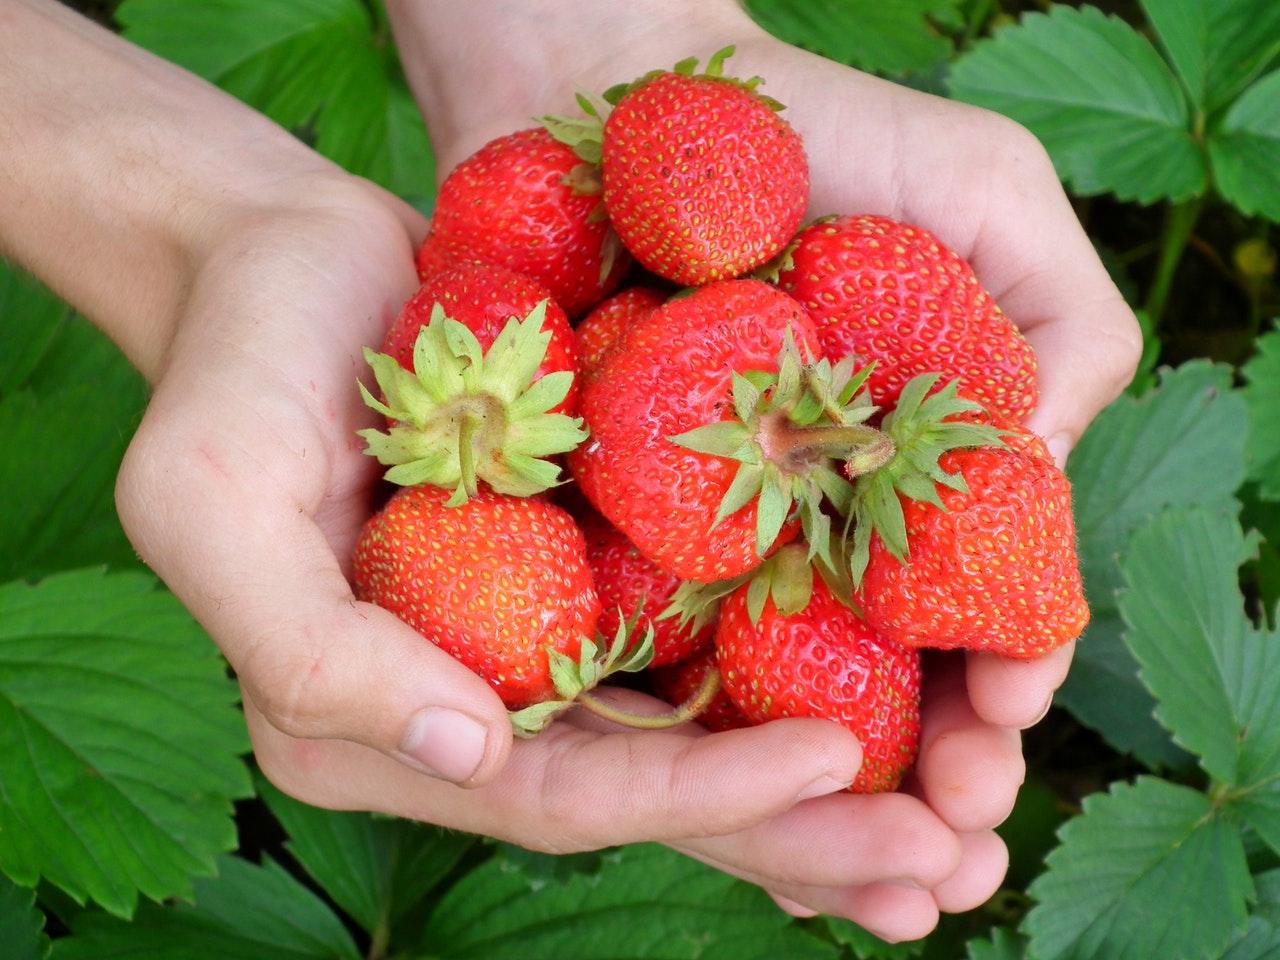 Sladké jahody, nejsou dílem náhody